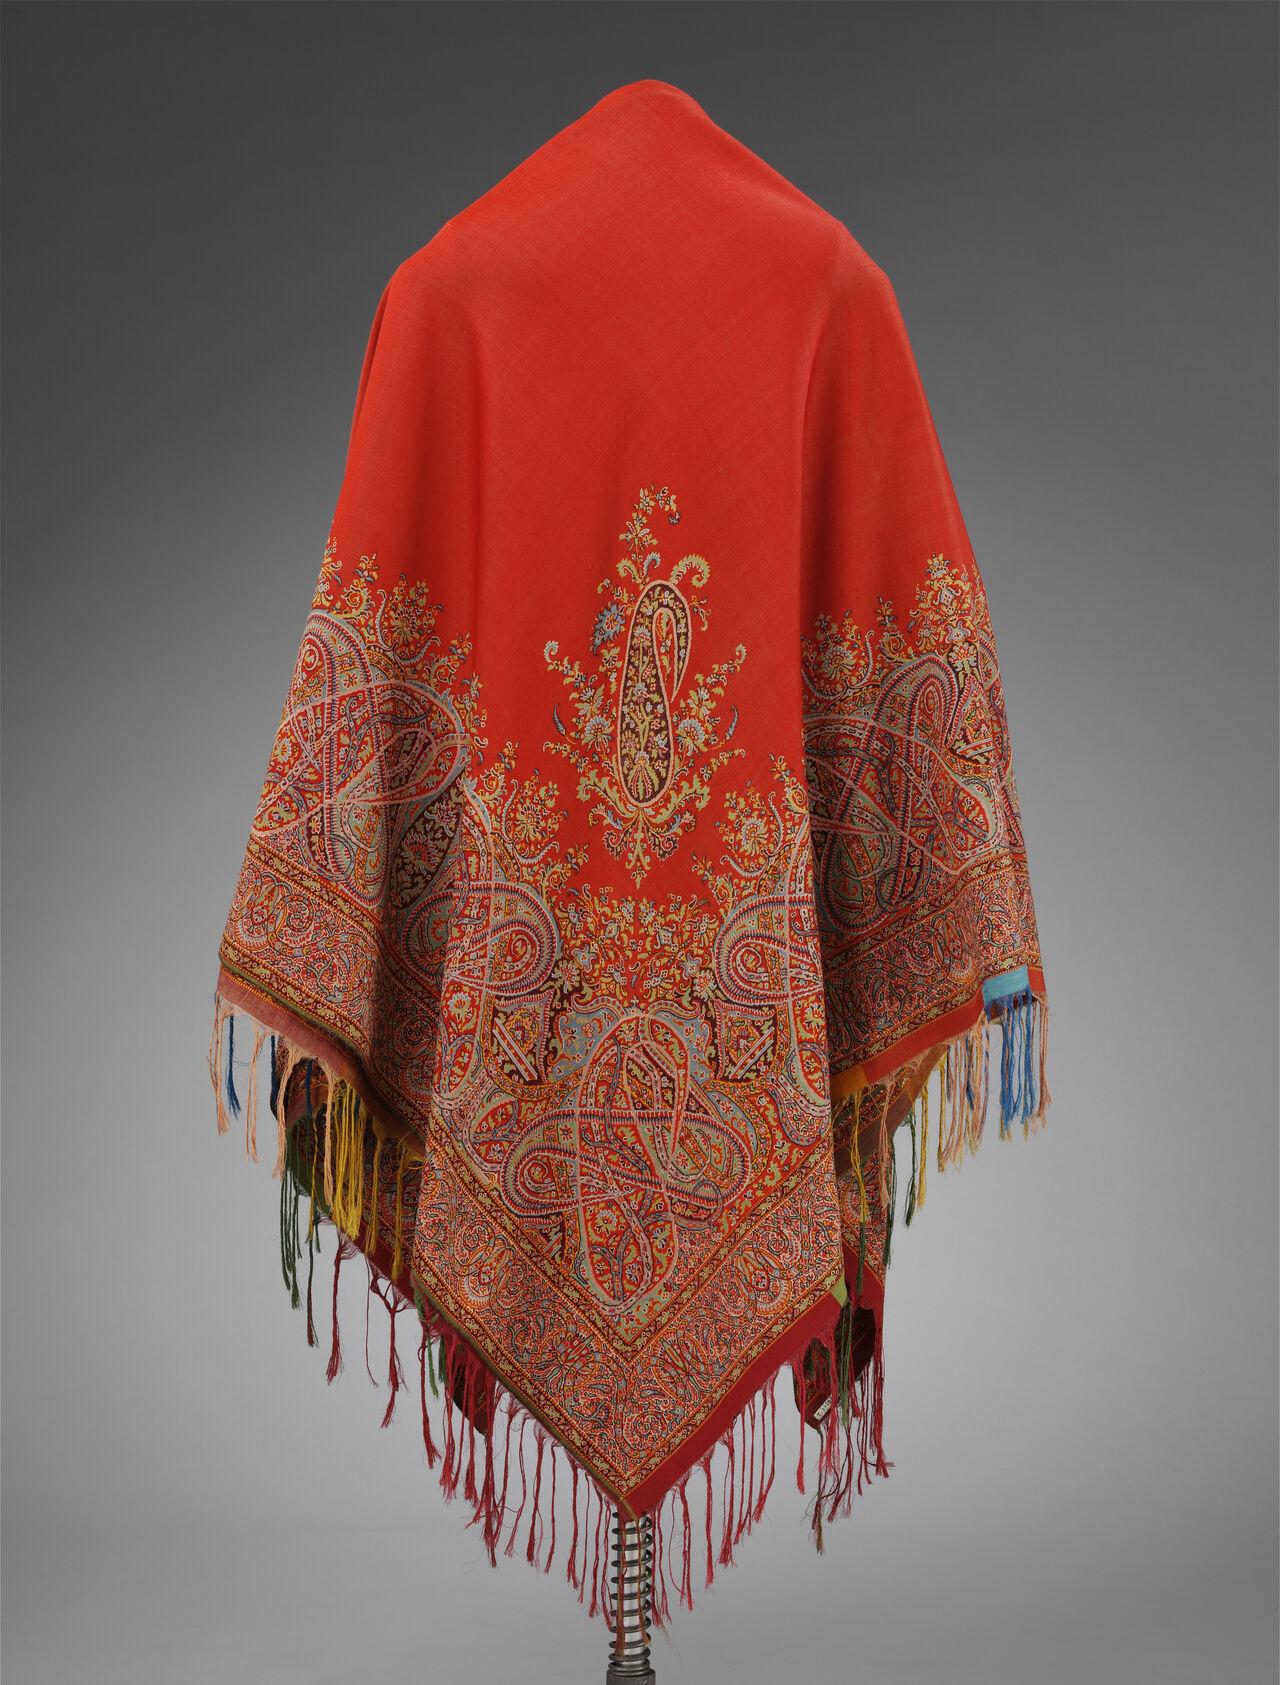 A Paisley shawl.